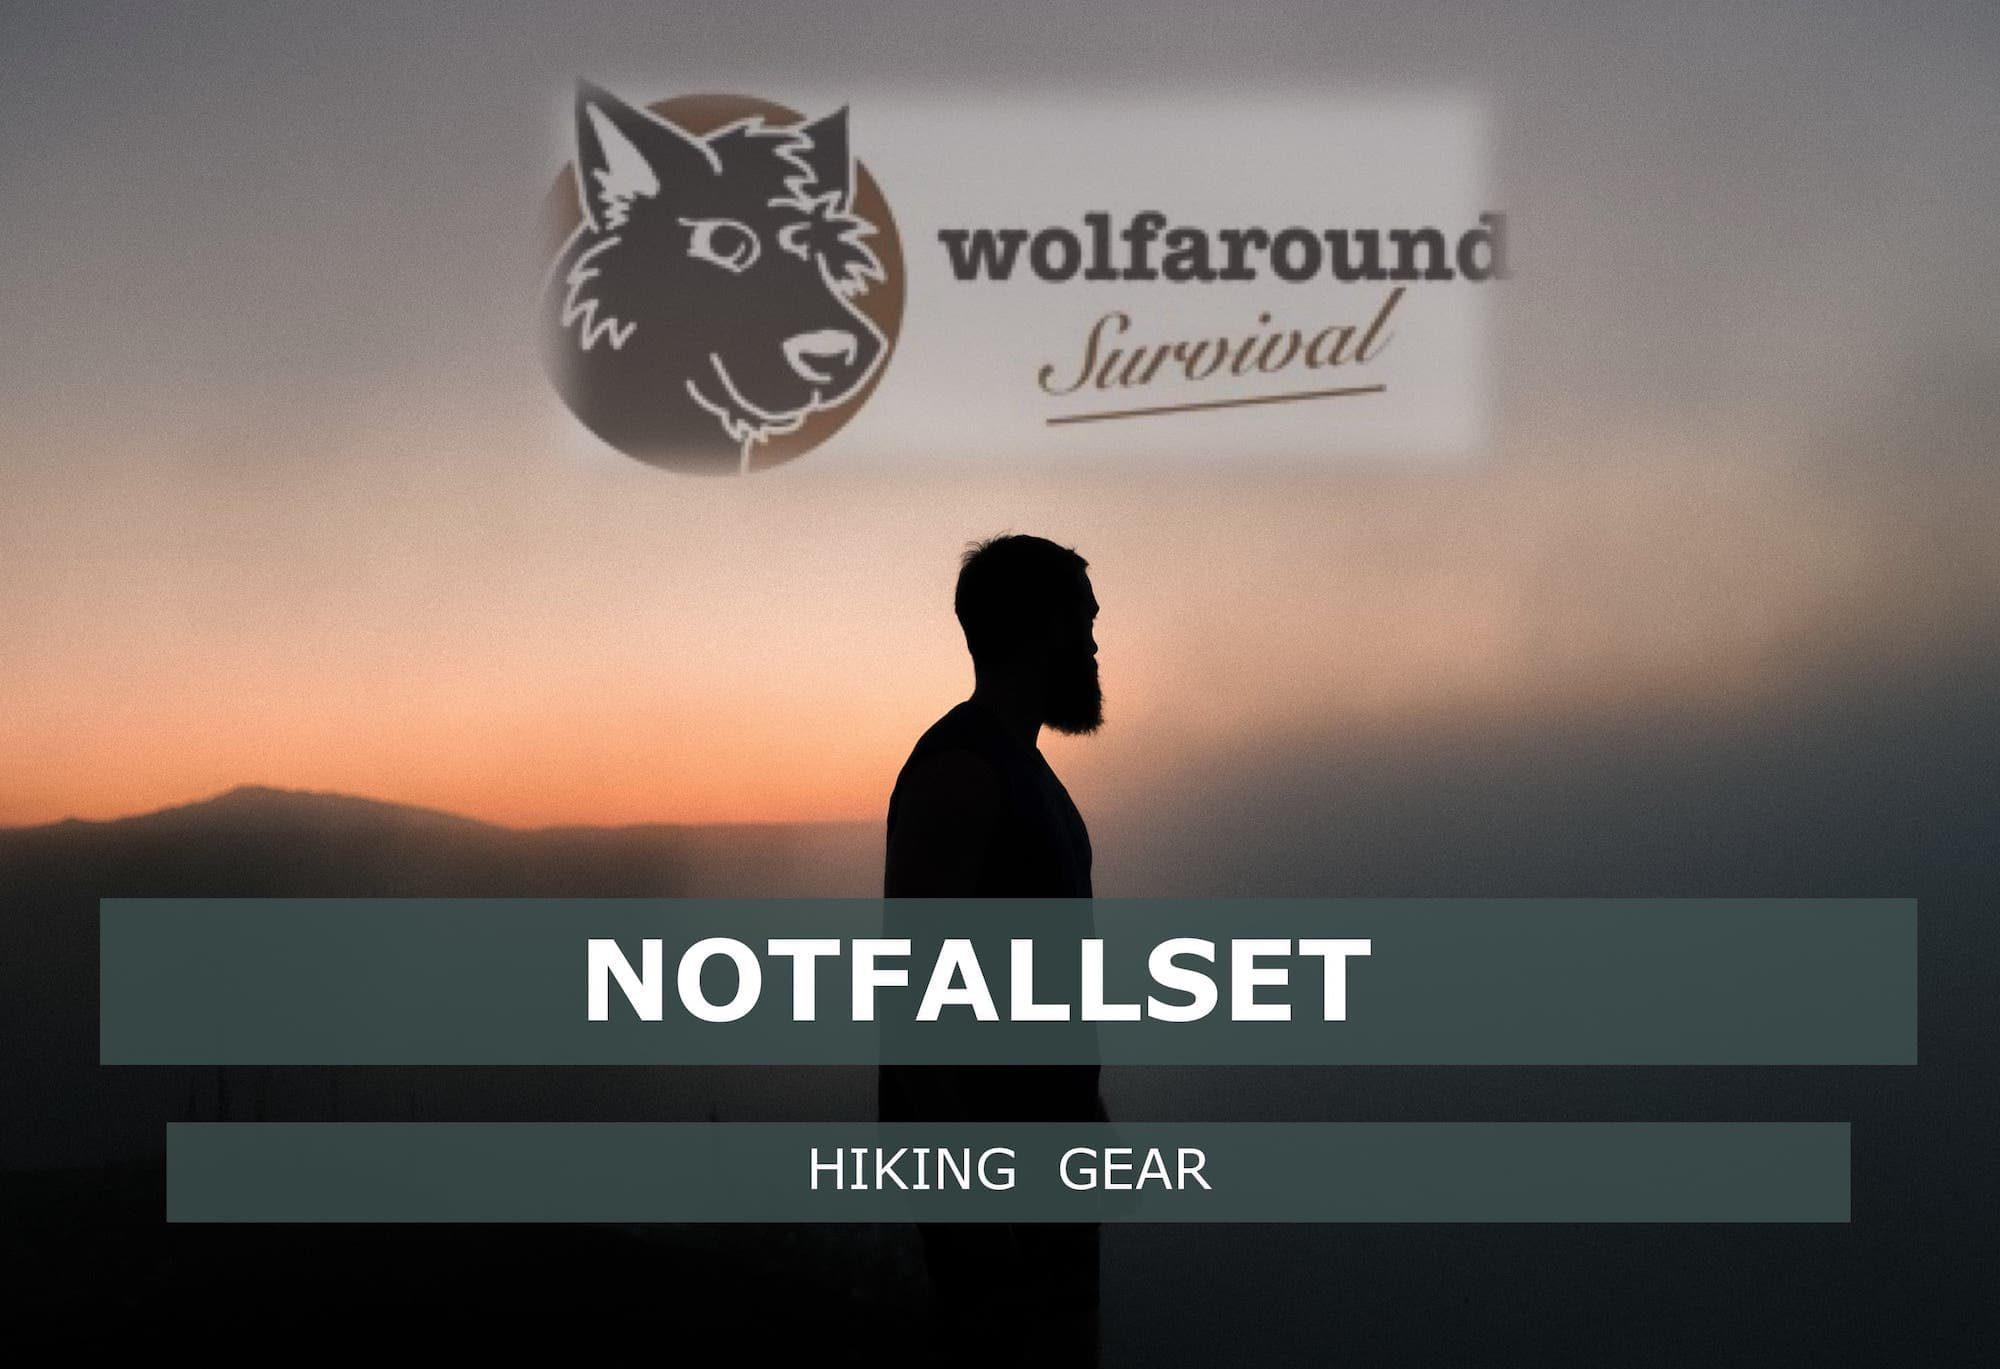 Notfallset-Hiking Gear